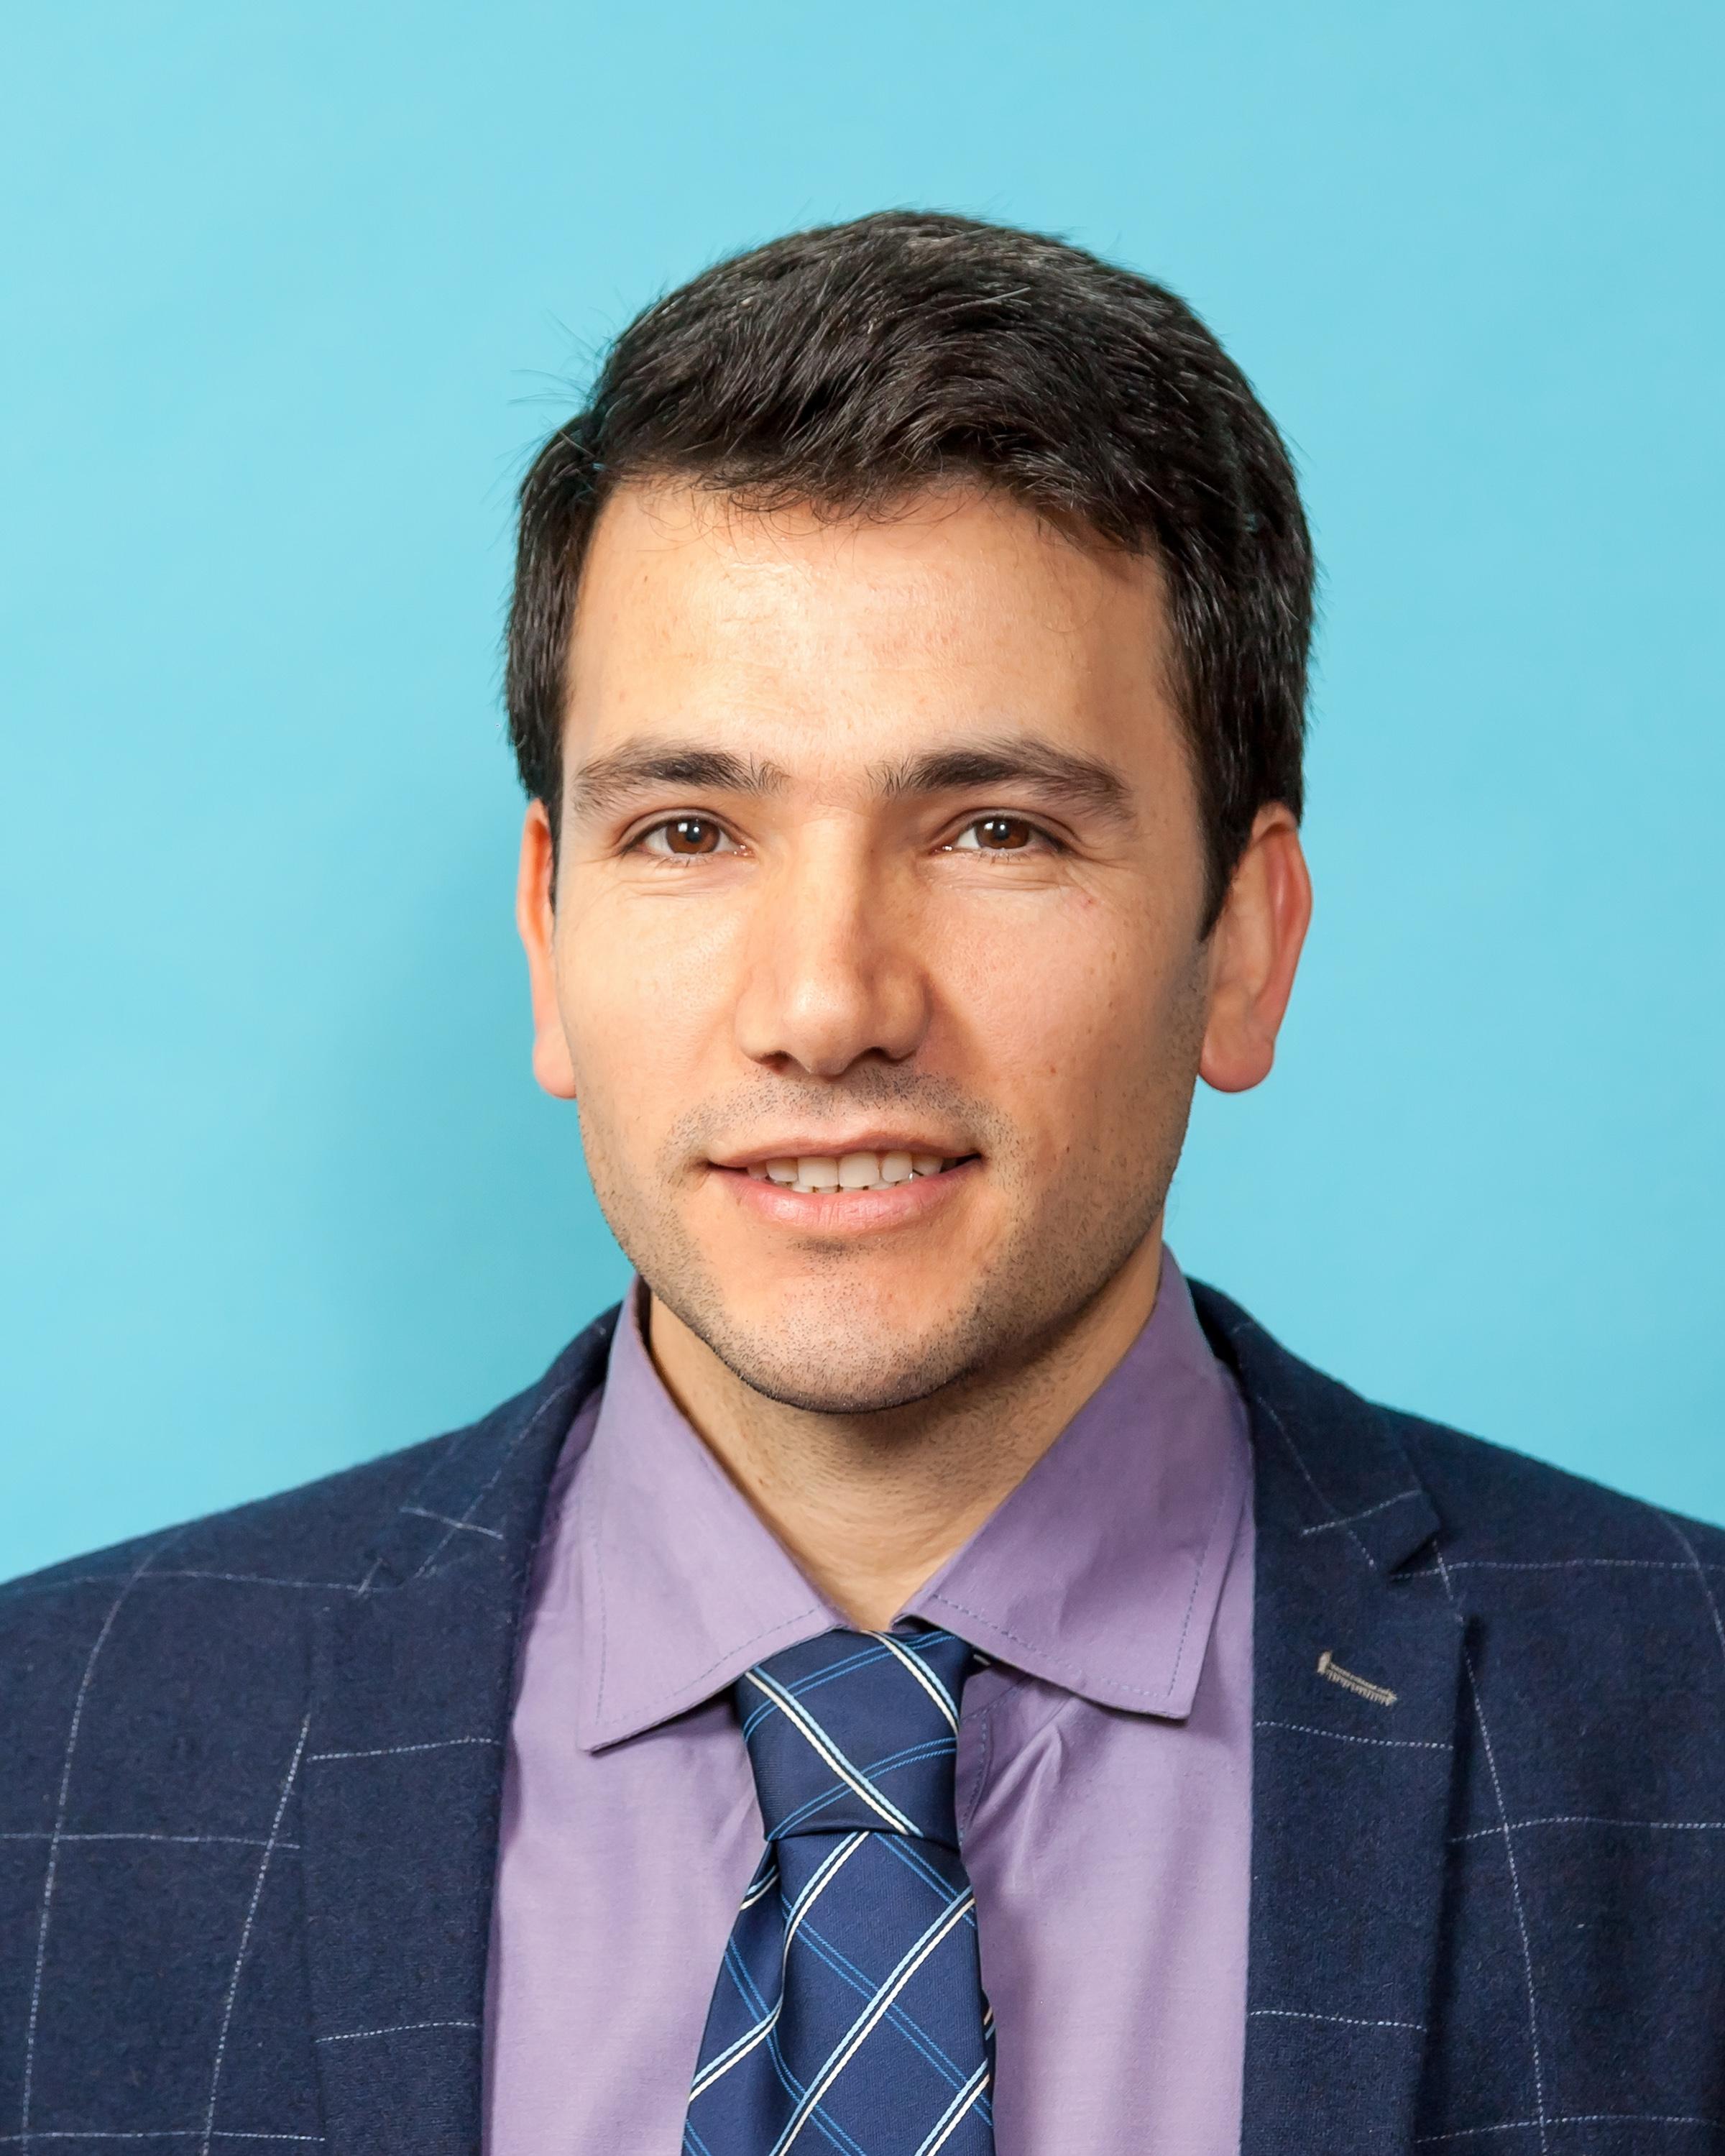 Jebraeel Gholinezhad